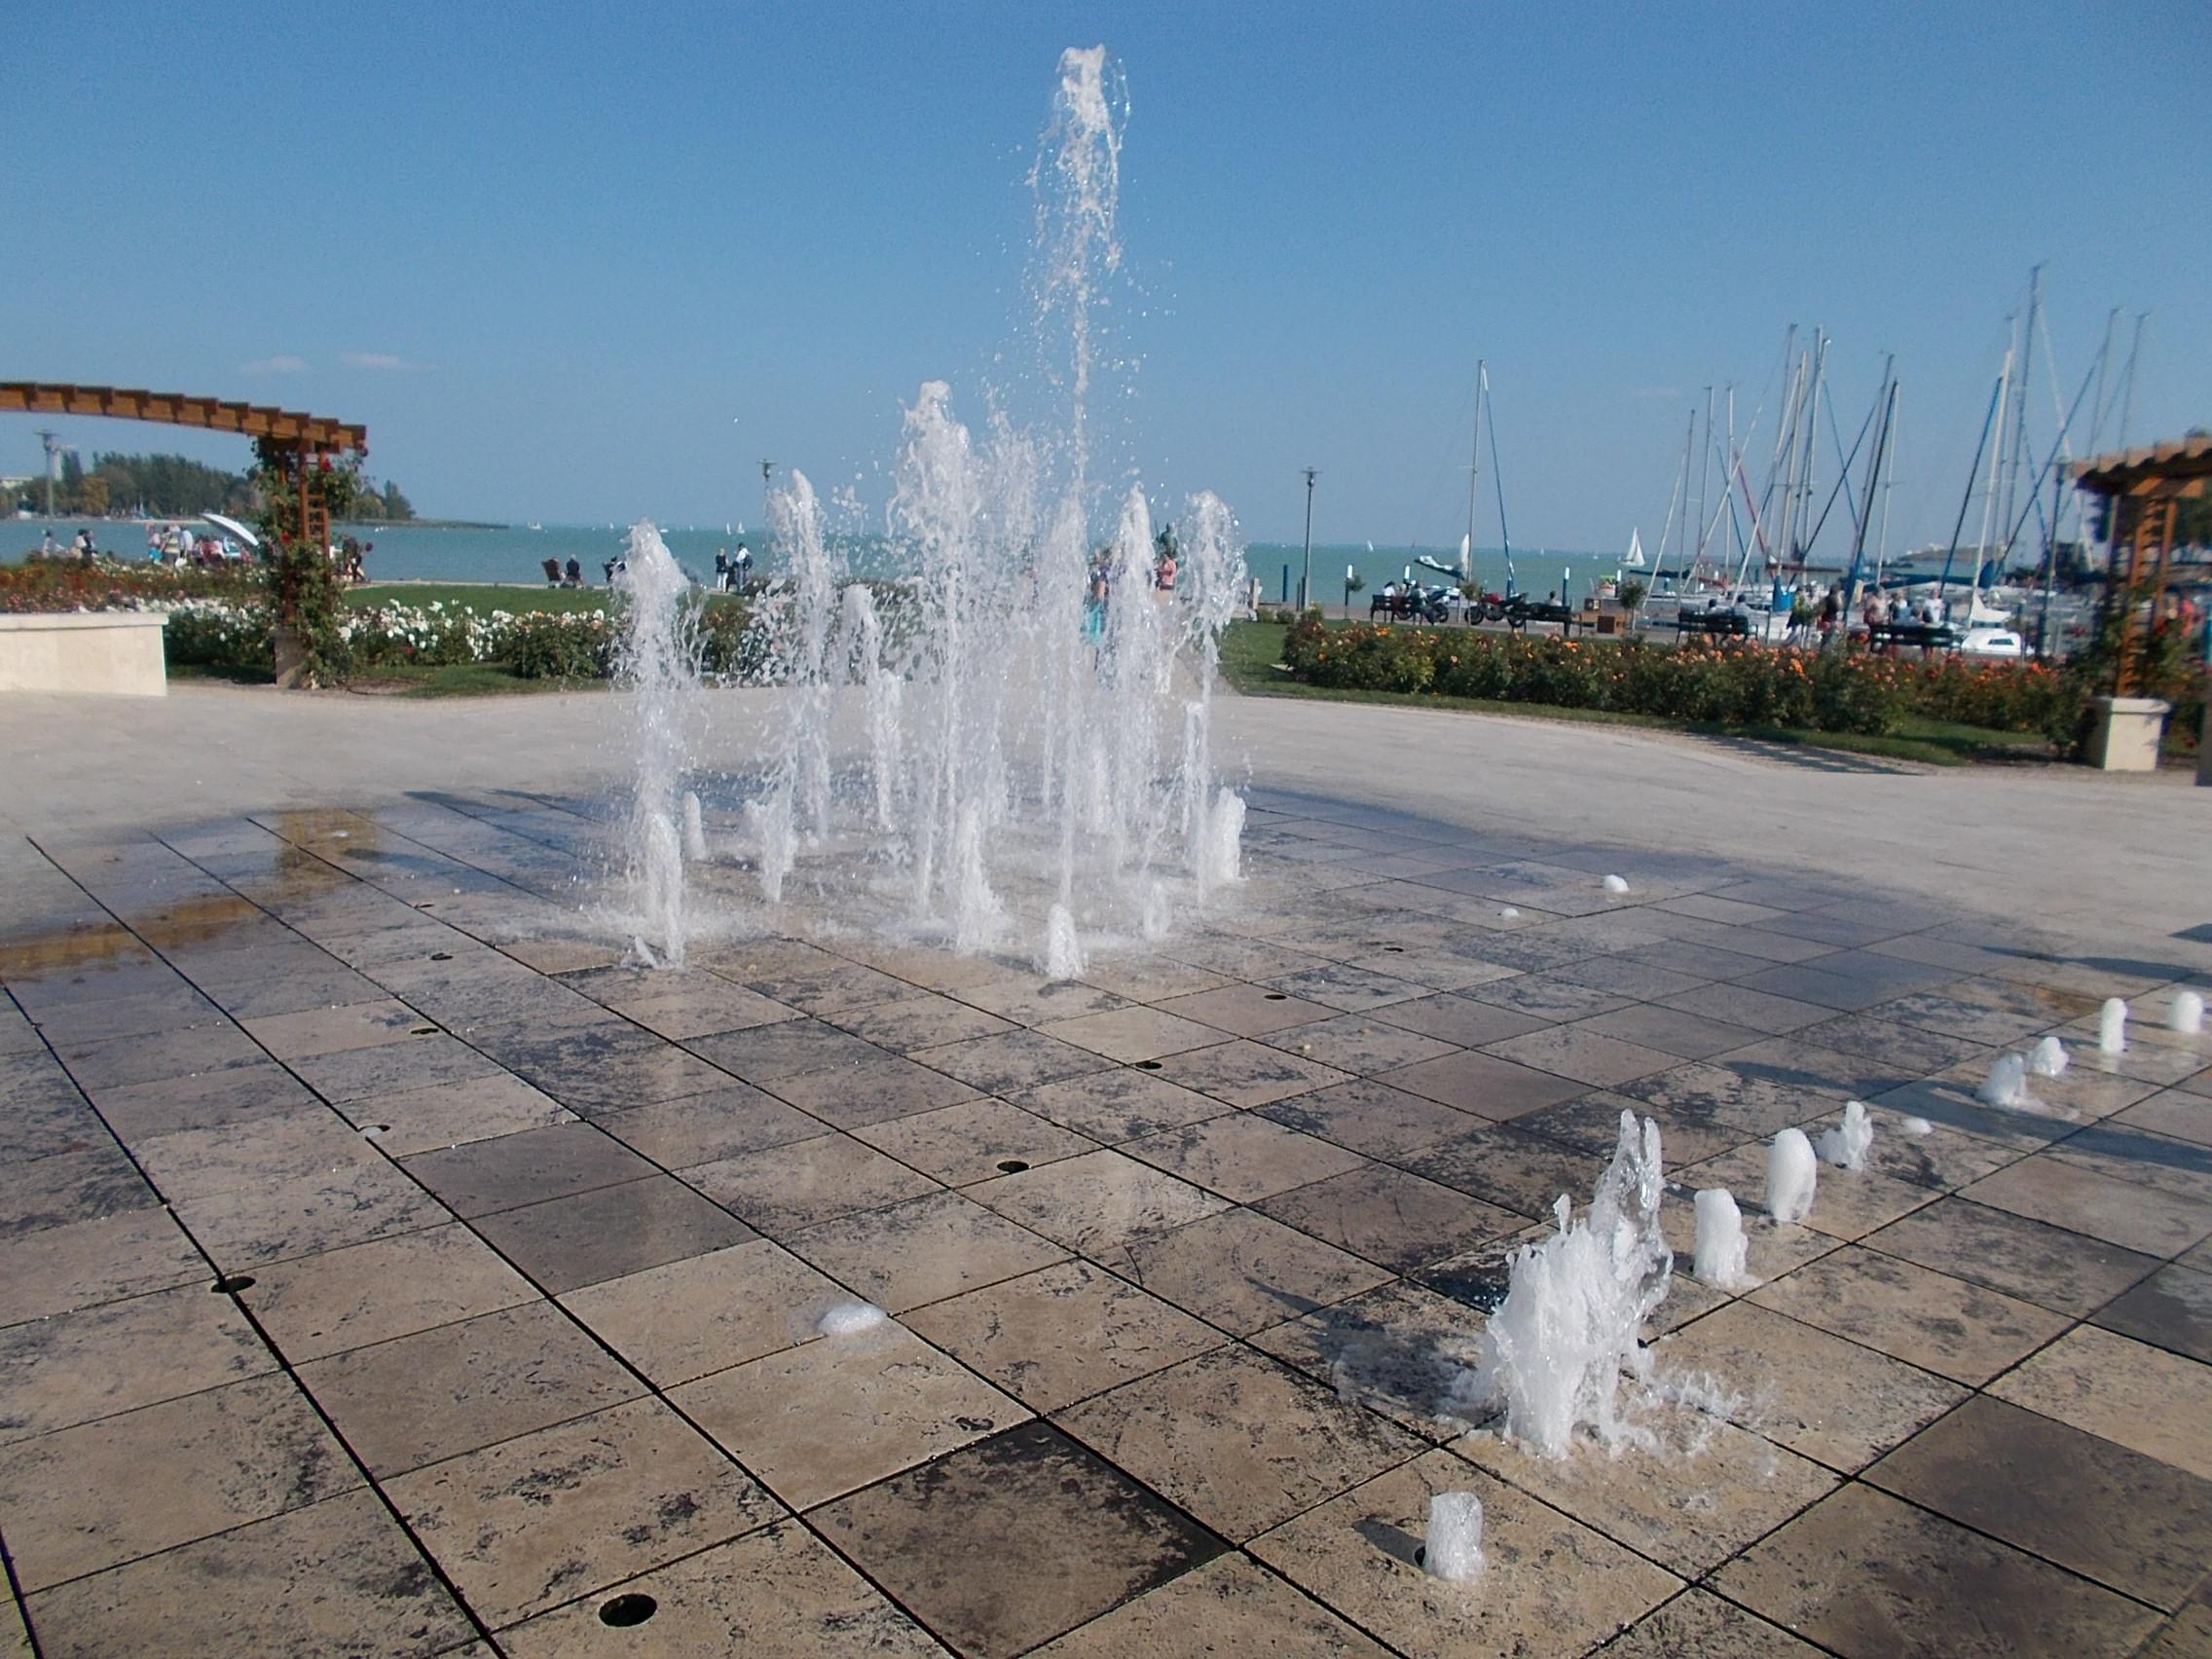 Fountain at Bujtor statue. - Vitorlás Square, Tagore Promenade, Balatonfüred, Veszprém County, Hungary}}{{hu|1=Szökőkút. 2000 utáni alkotás (val.szin). Korábban az un. Galambos ivókút volt itt, kb. 70-es évek végéig. - Magyarország, Veszprém megye, [http://balatonfured.info.hu/ Balatonfüred], Tagore sétány, és a Vitorlástér sarkánál{{Location|46|57|12.32|N|17|53|37.28|E|region:HU}}